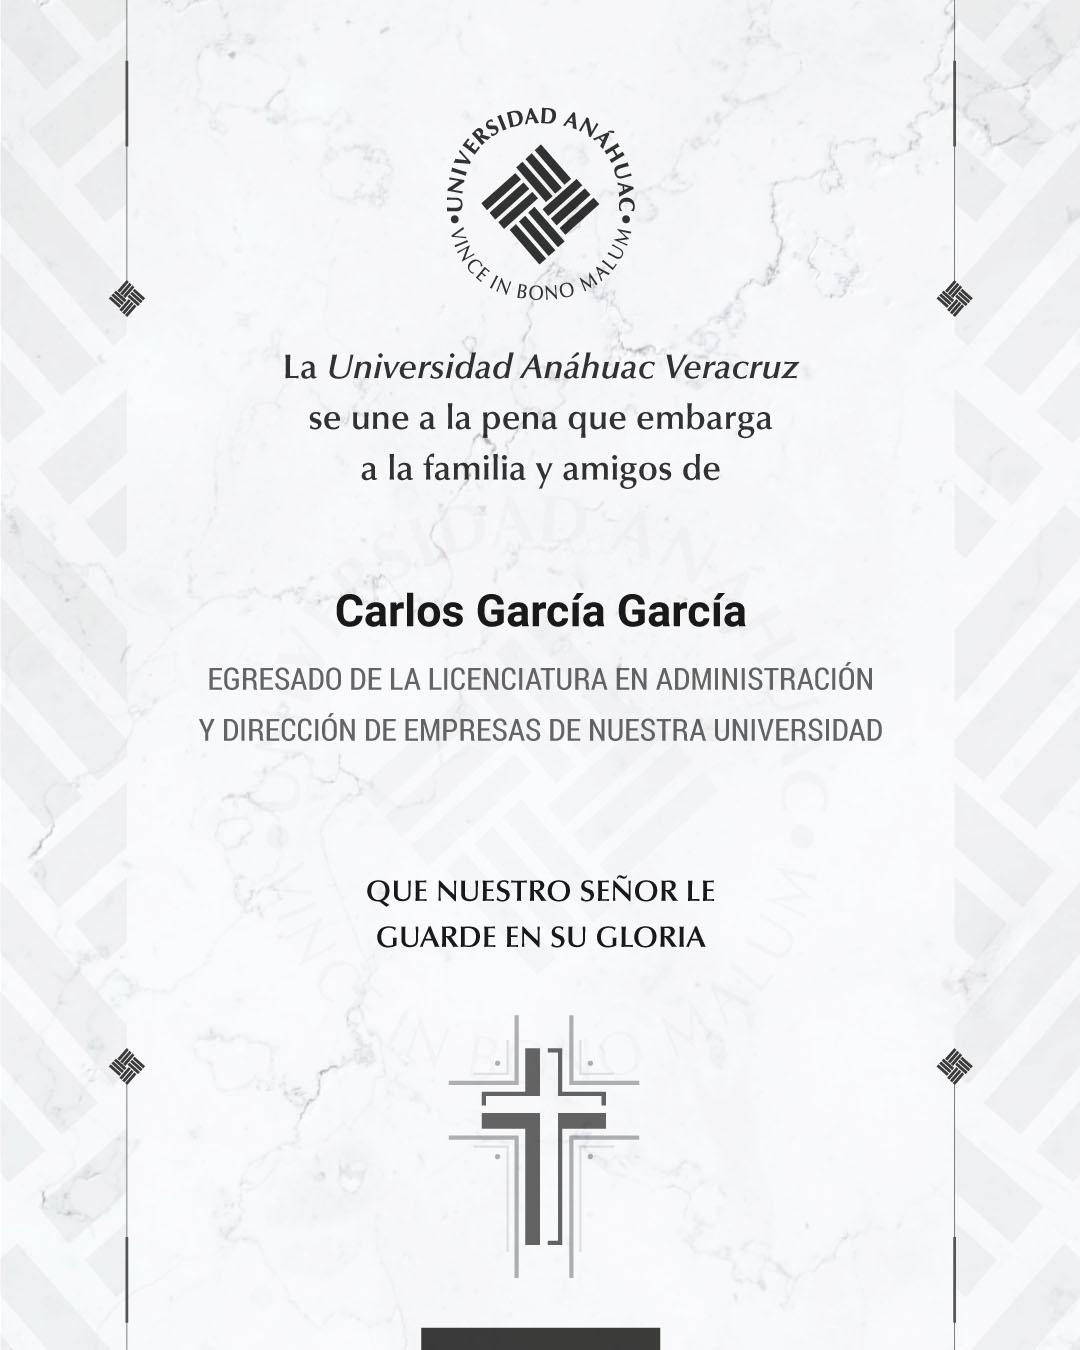 Carlos García García